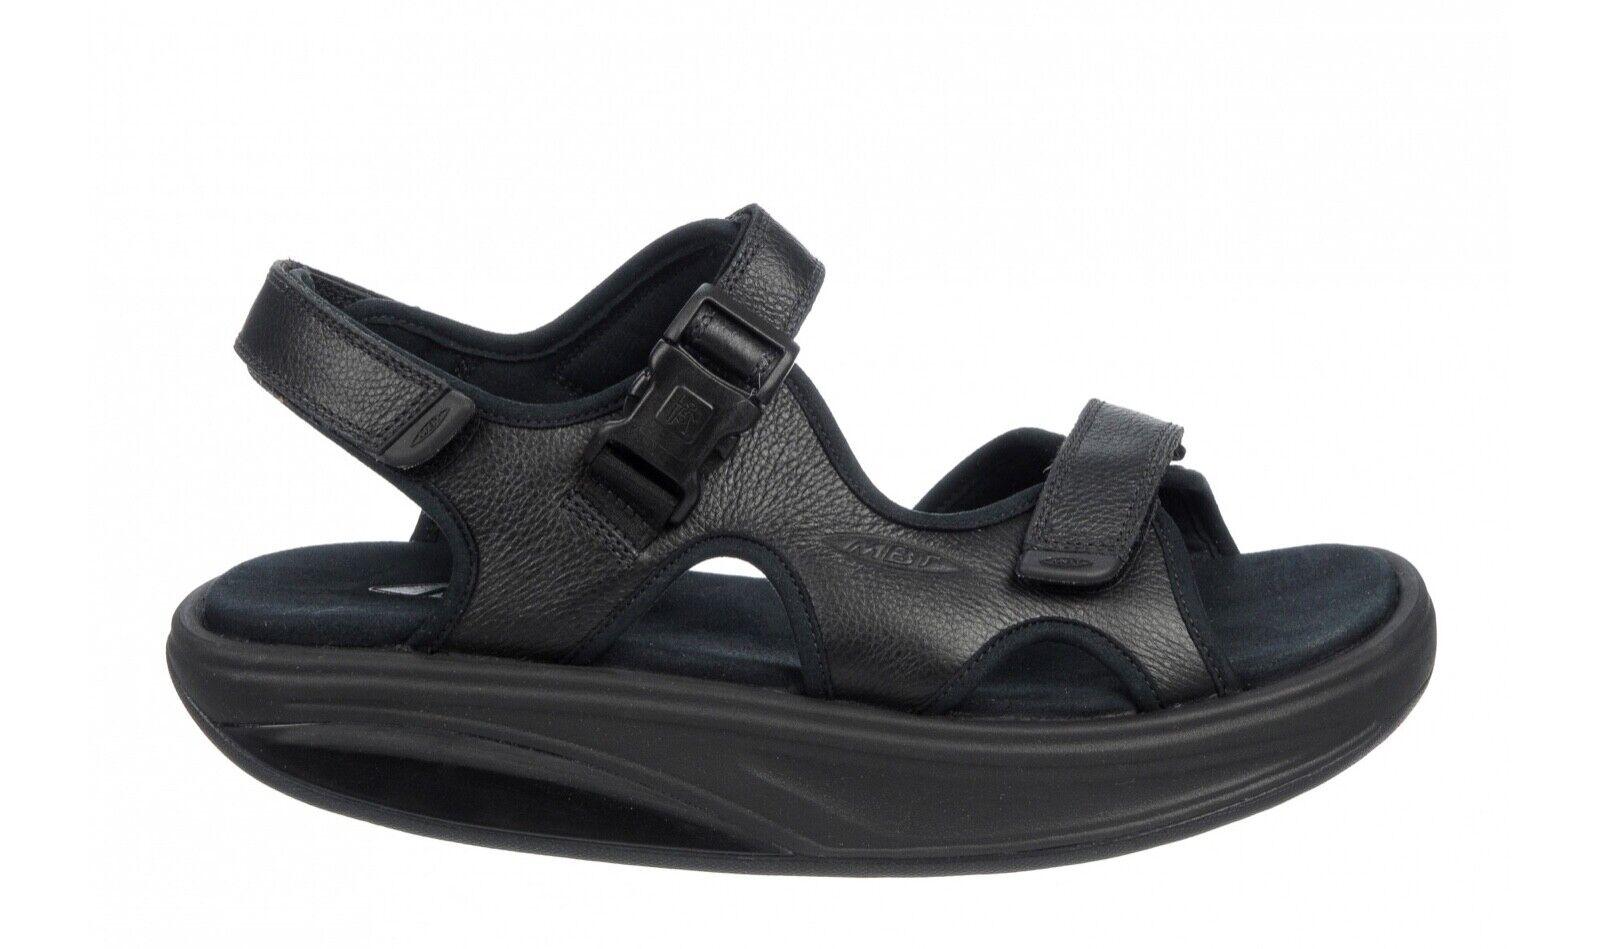 MBT Kisumu 3S Men's Sandal (Soft Premium Leather, Microfiber Footbed, 2 Colors)